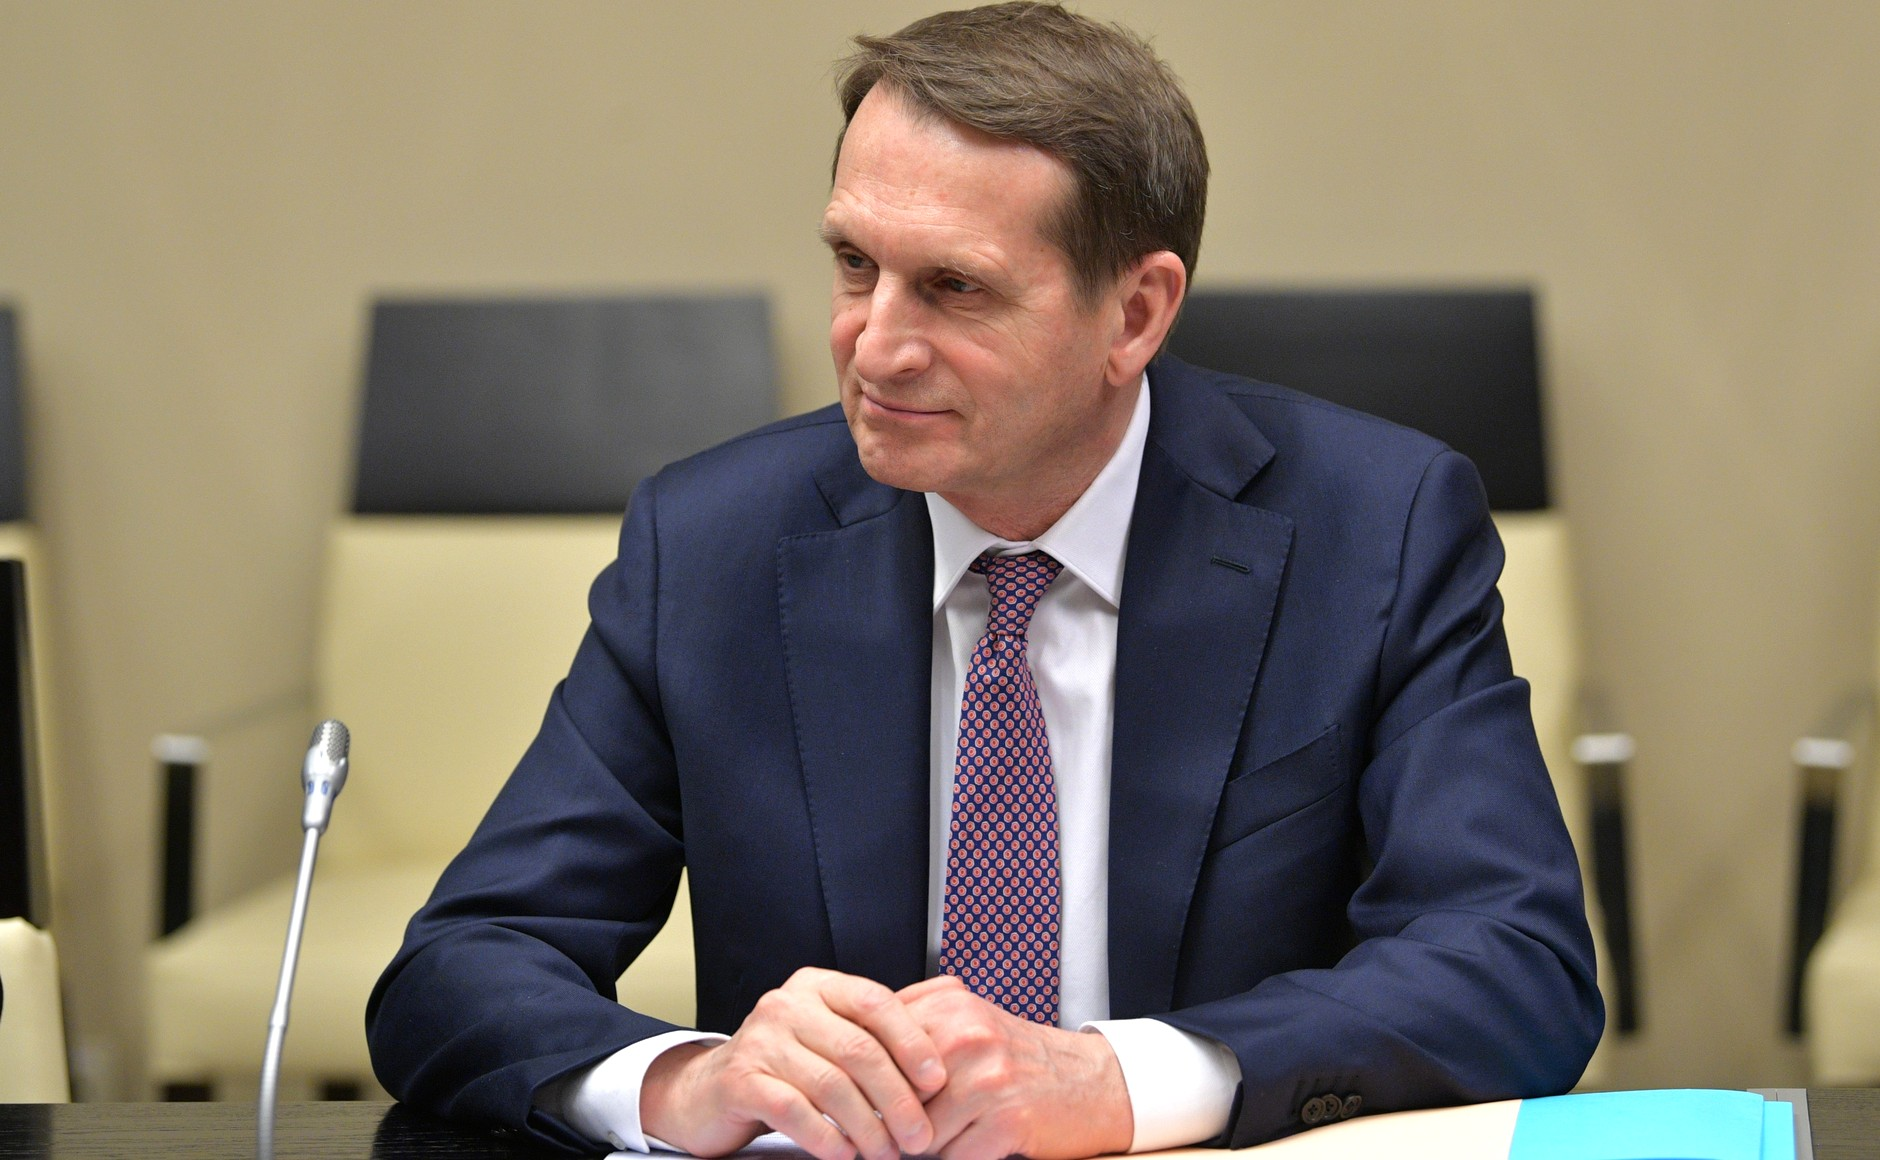 СВР знает часть правды о деле Навального, заявил Нарышкин